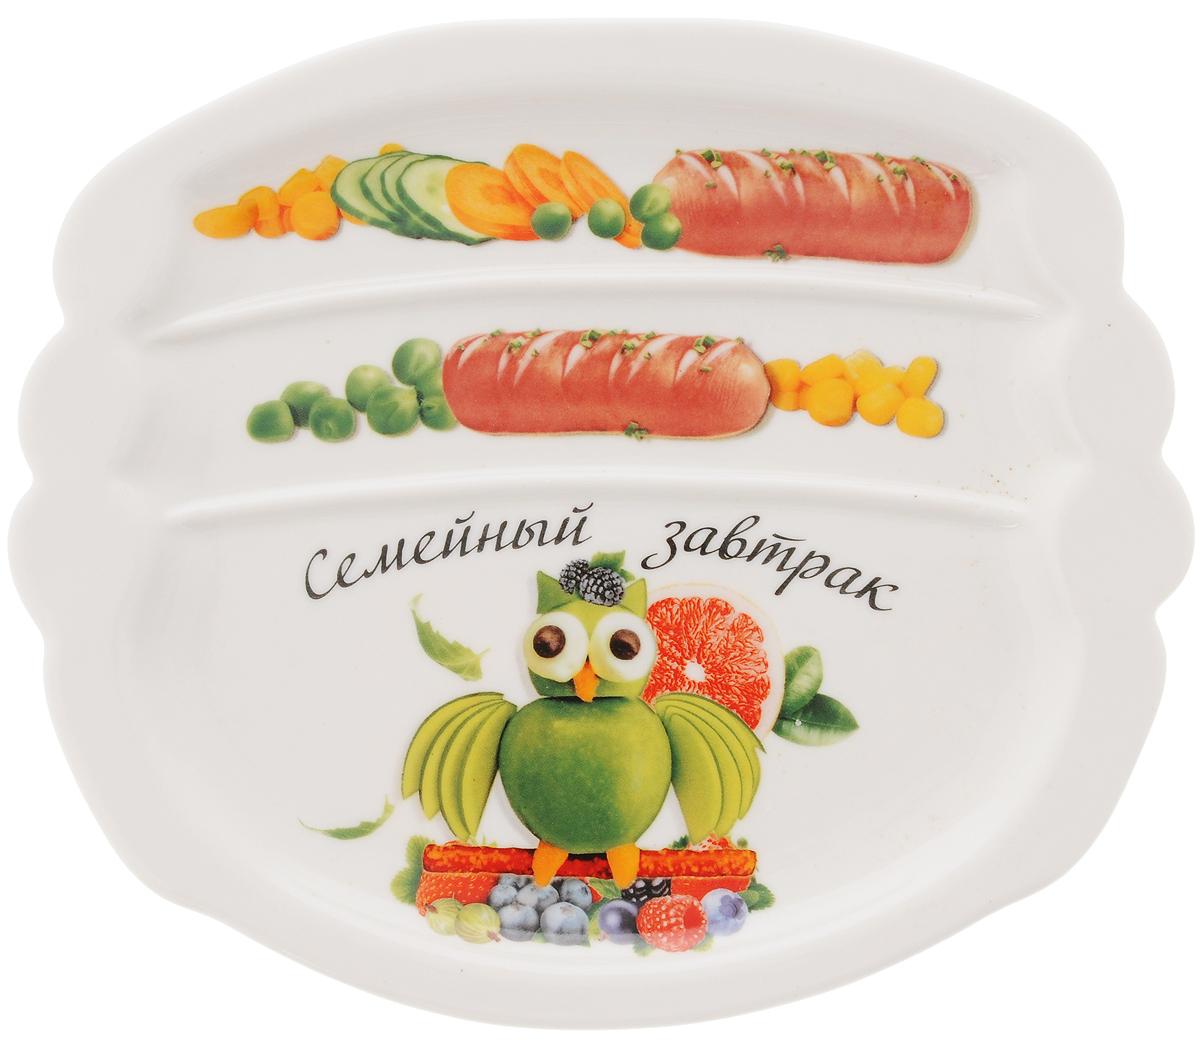 Тарелка для завтрака LarangE Семейный завтрак у колибри, 22,5 х 19 х 1,5 смVT-1520(SR)Тарелка для завтрака LarangE Семейный завтрак у колибри изготовлена из высококачественной керамики. Изделие украшено изображением птицы из еды. Тарелка имеет три отделения: 2 маленьких отделения для сосисок и одно большое отделение для яичницы или другого блюда. Можно использовать в СВЧ печах, духовом шкафу и холодильнике. Не применять абразивные чистящие вещества.Размер тарелки: 22,5 х 19 см. Высота тарелки: 1,5 см.